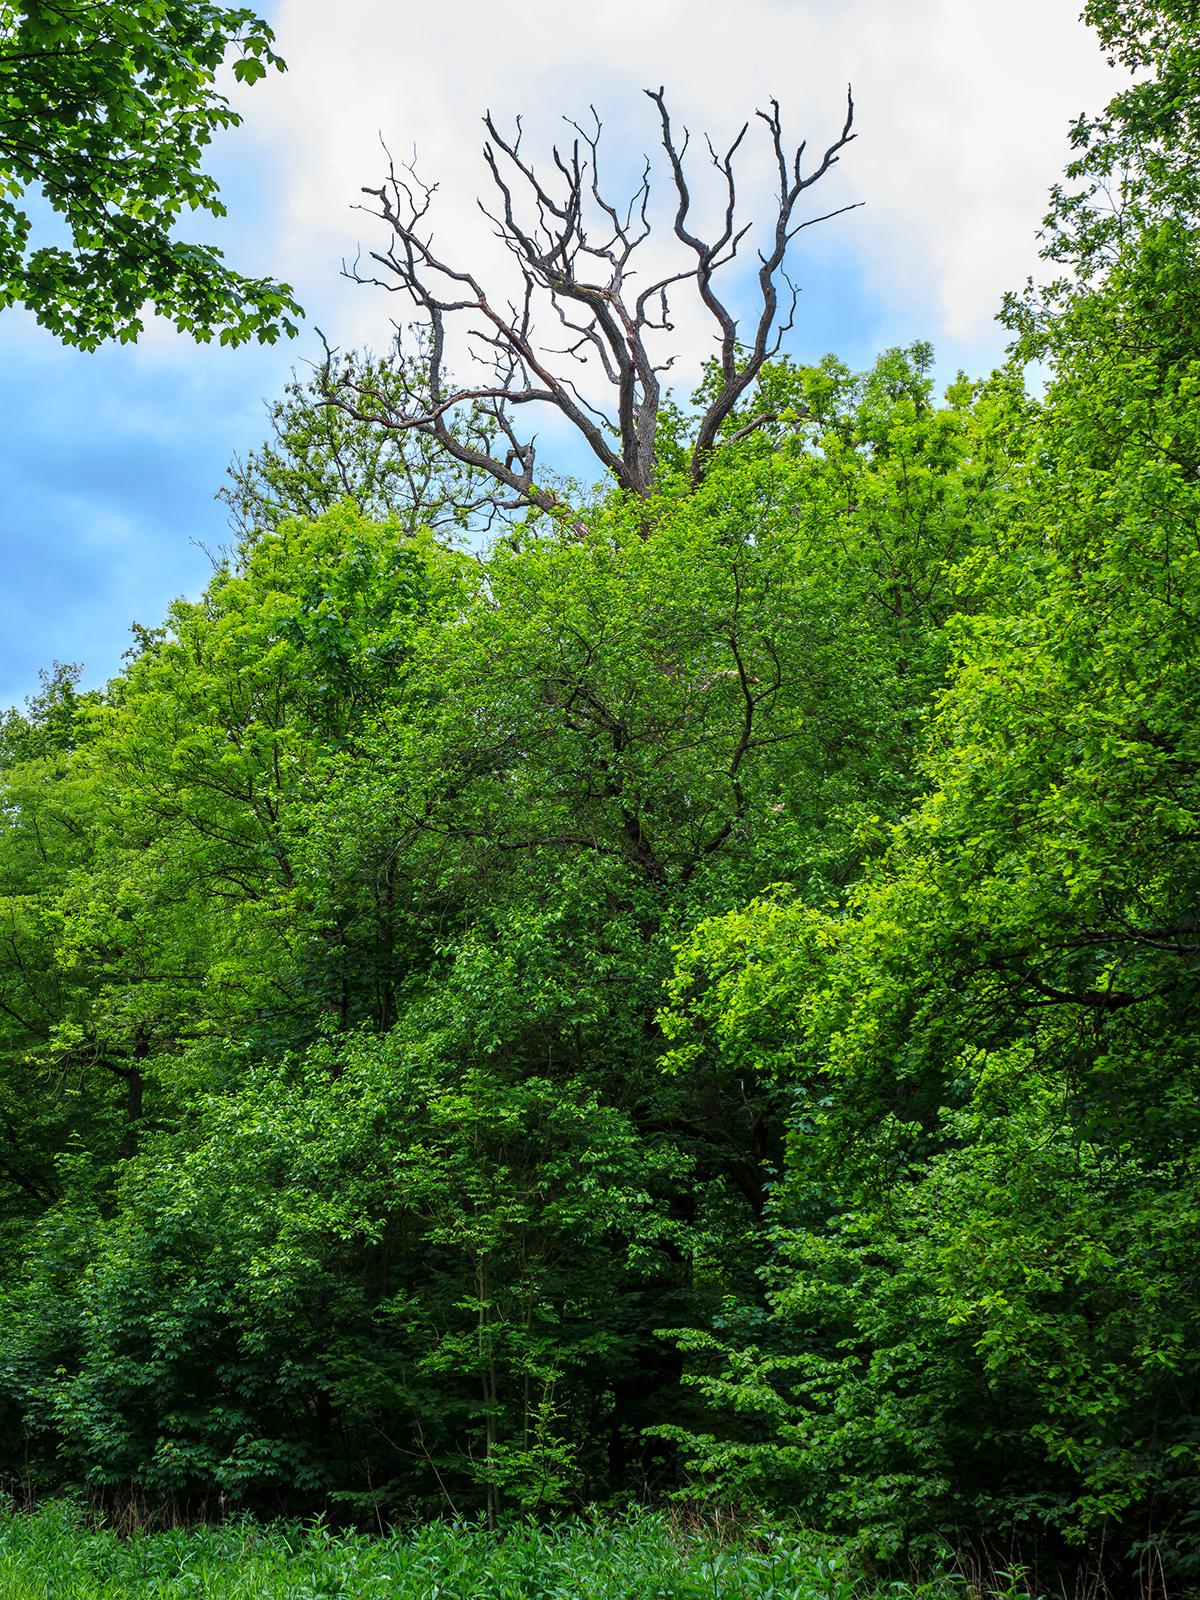 vorwüchsige abgestorbene Eiche am Waldrand